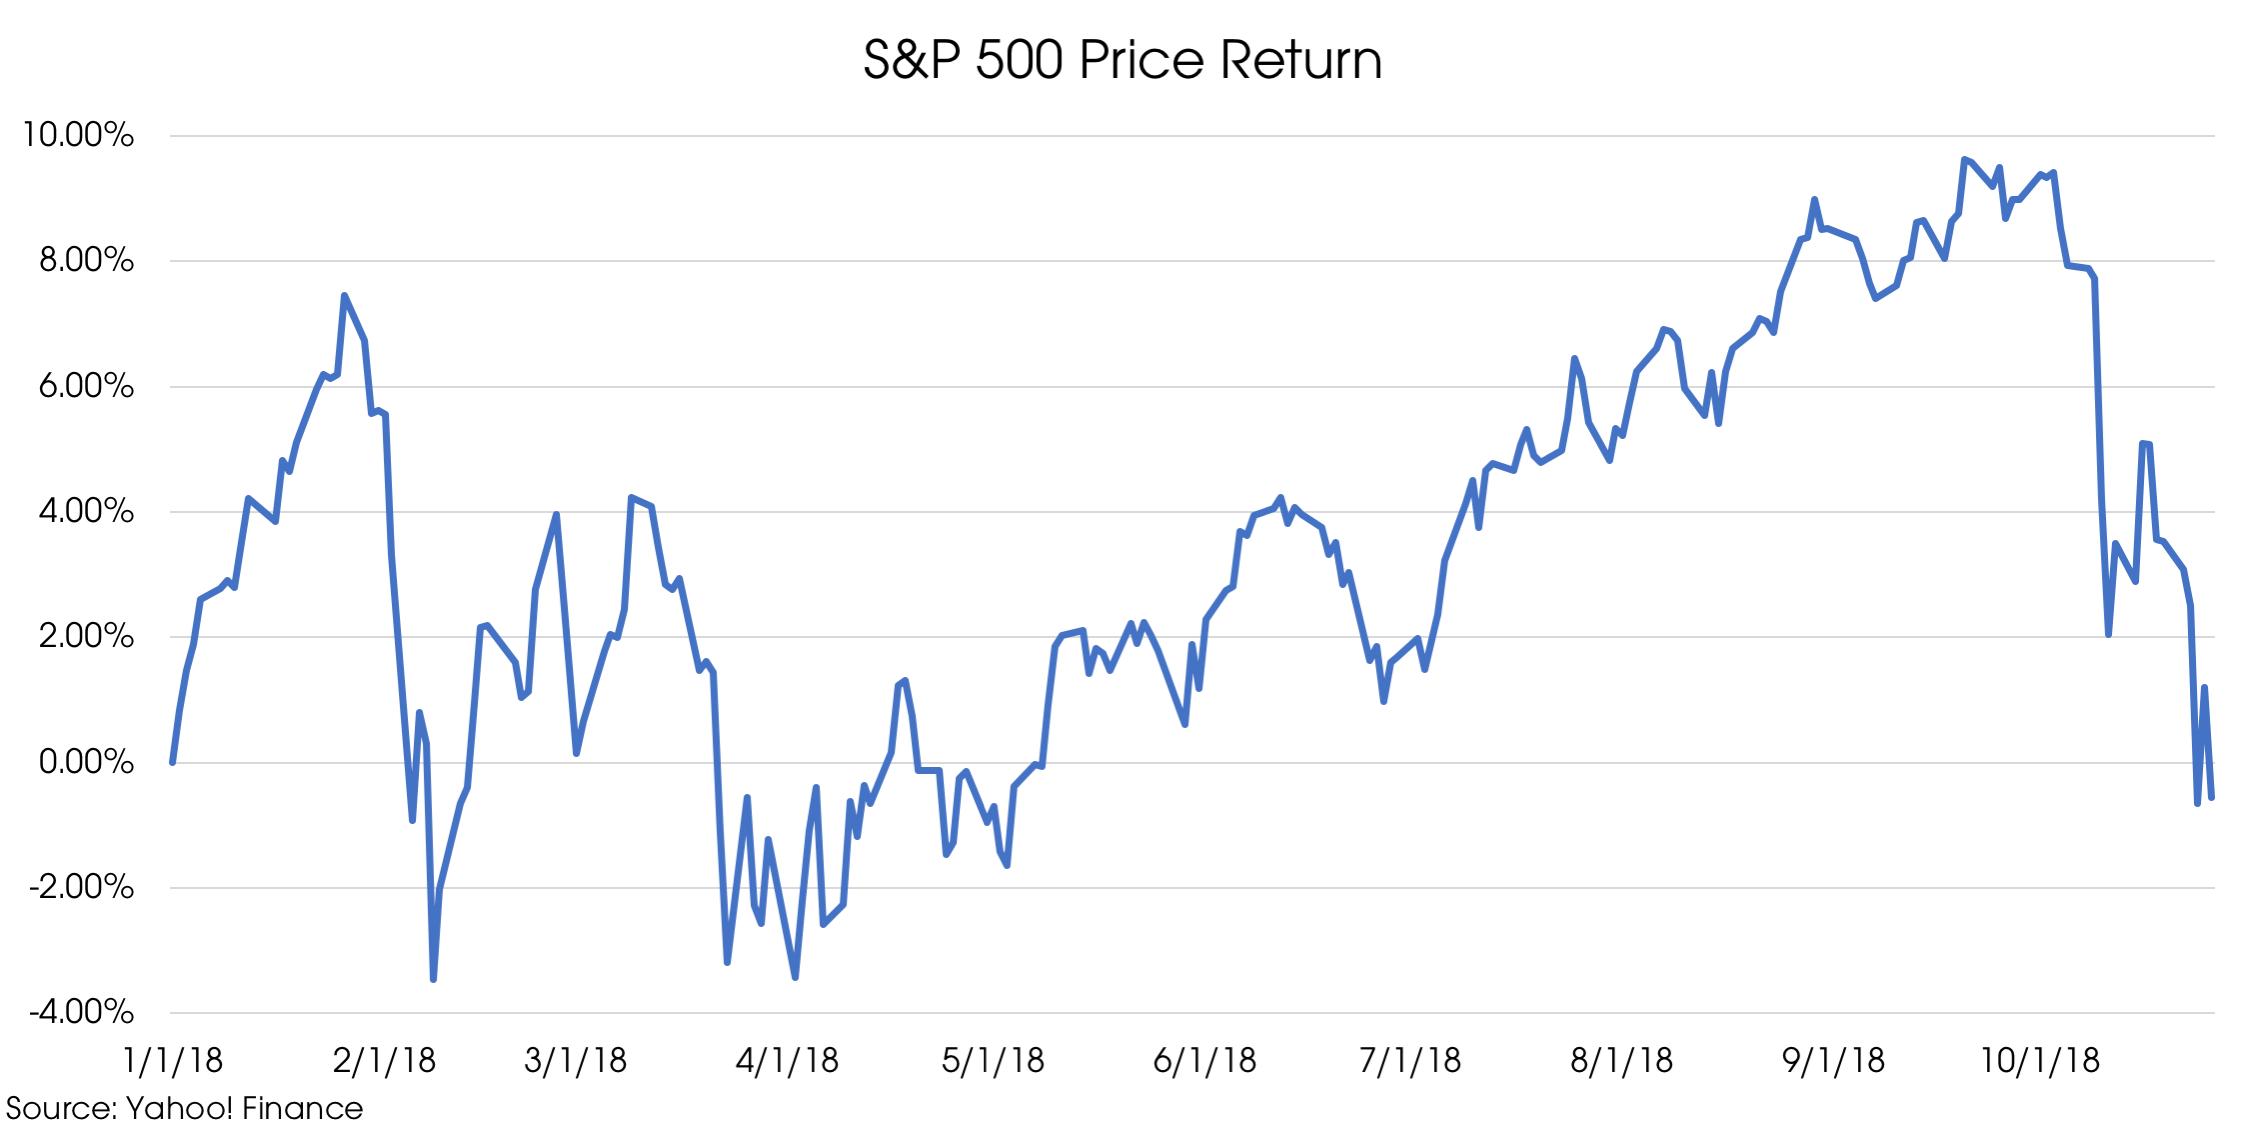 10292018_S&P 500 Price Return.png